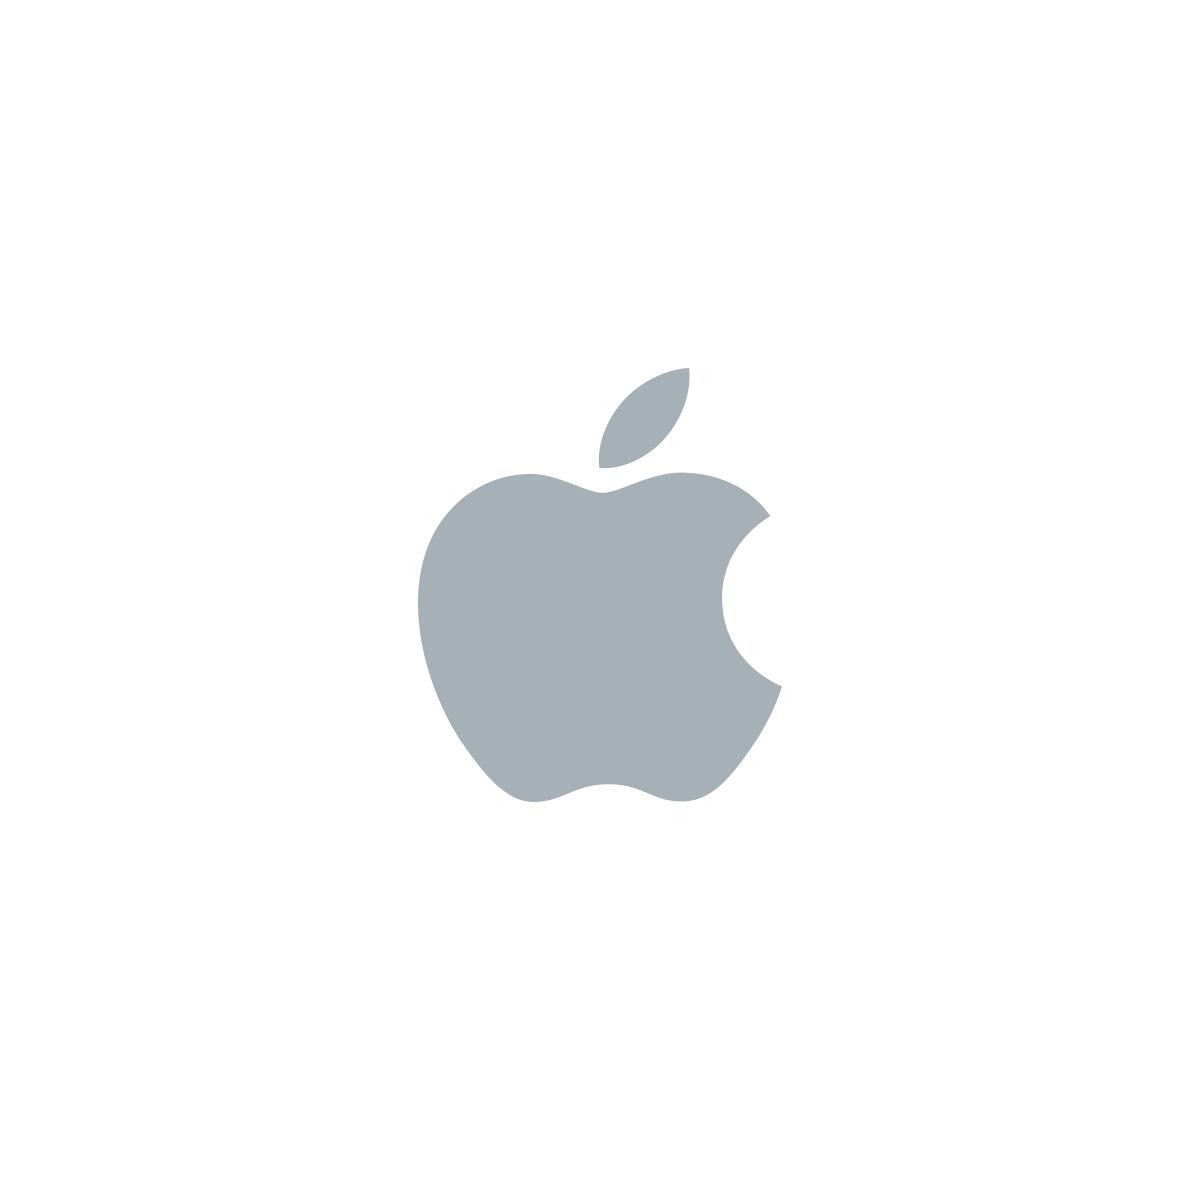 Терминология Apple